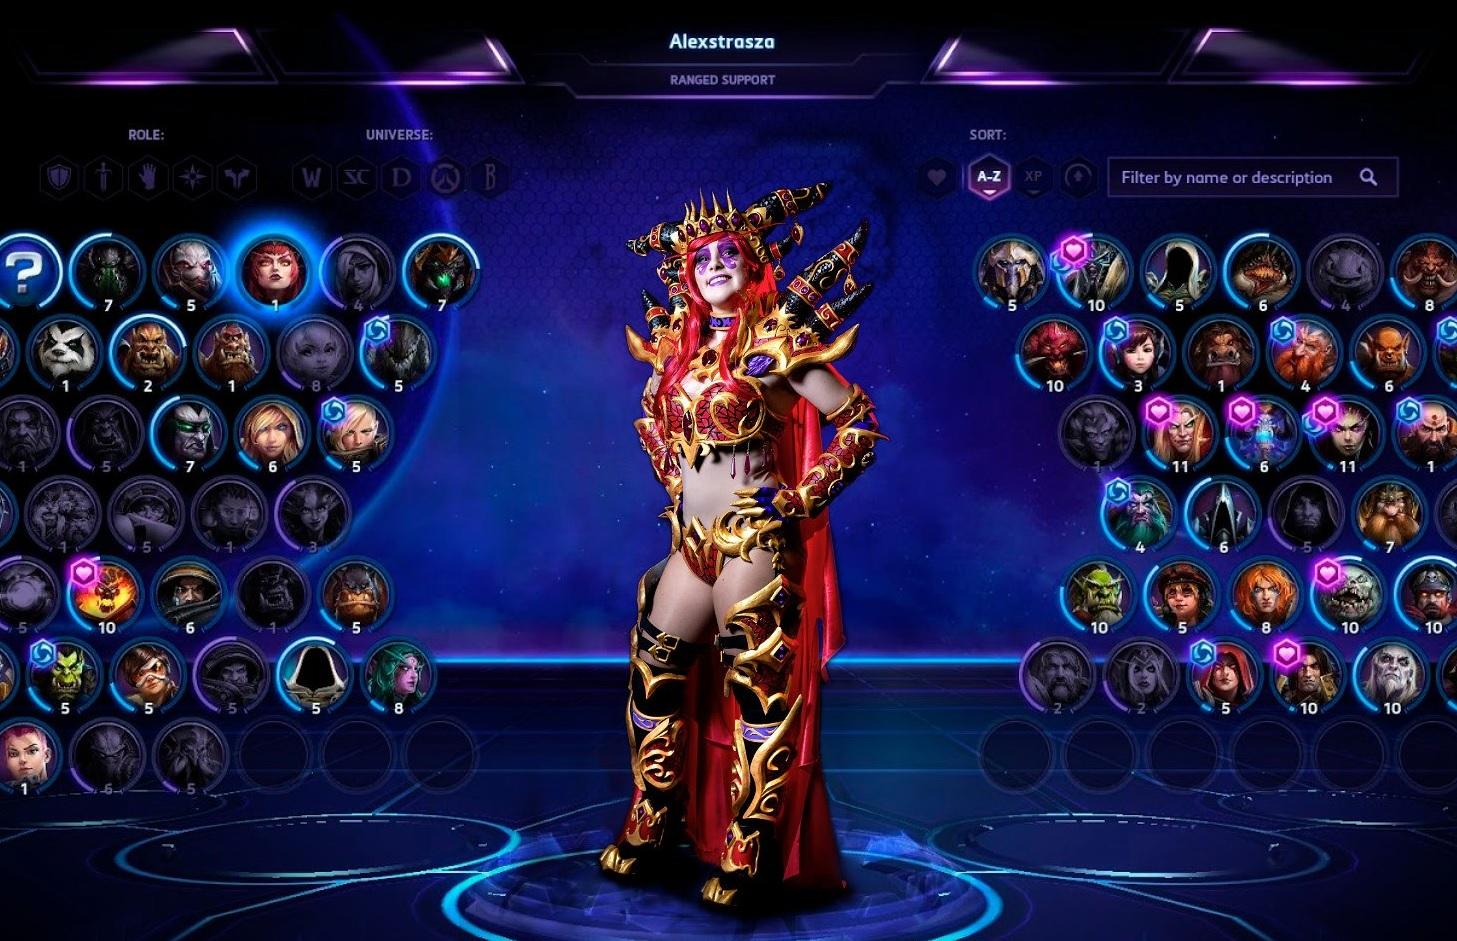 Dall'universo di World of Warcraft ecco un bellissimo cosplay di Alexstrasza!